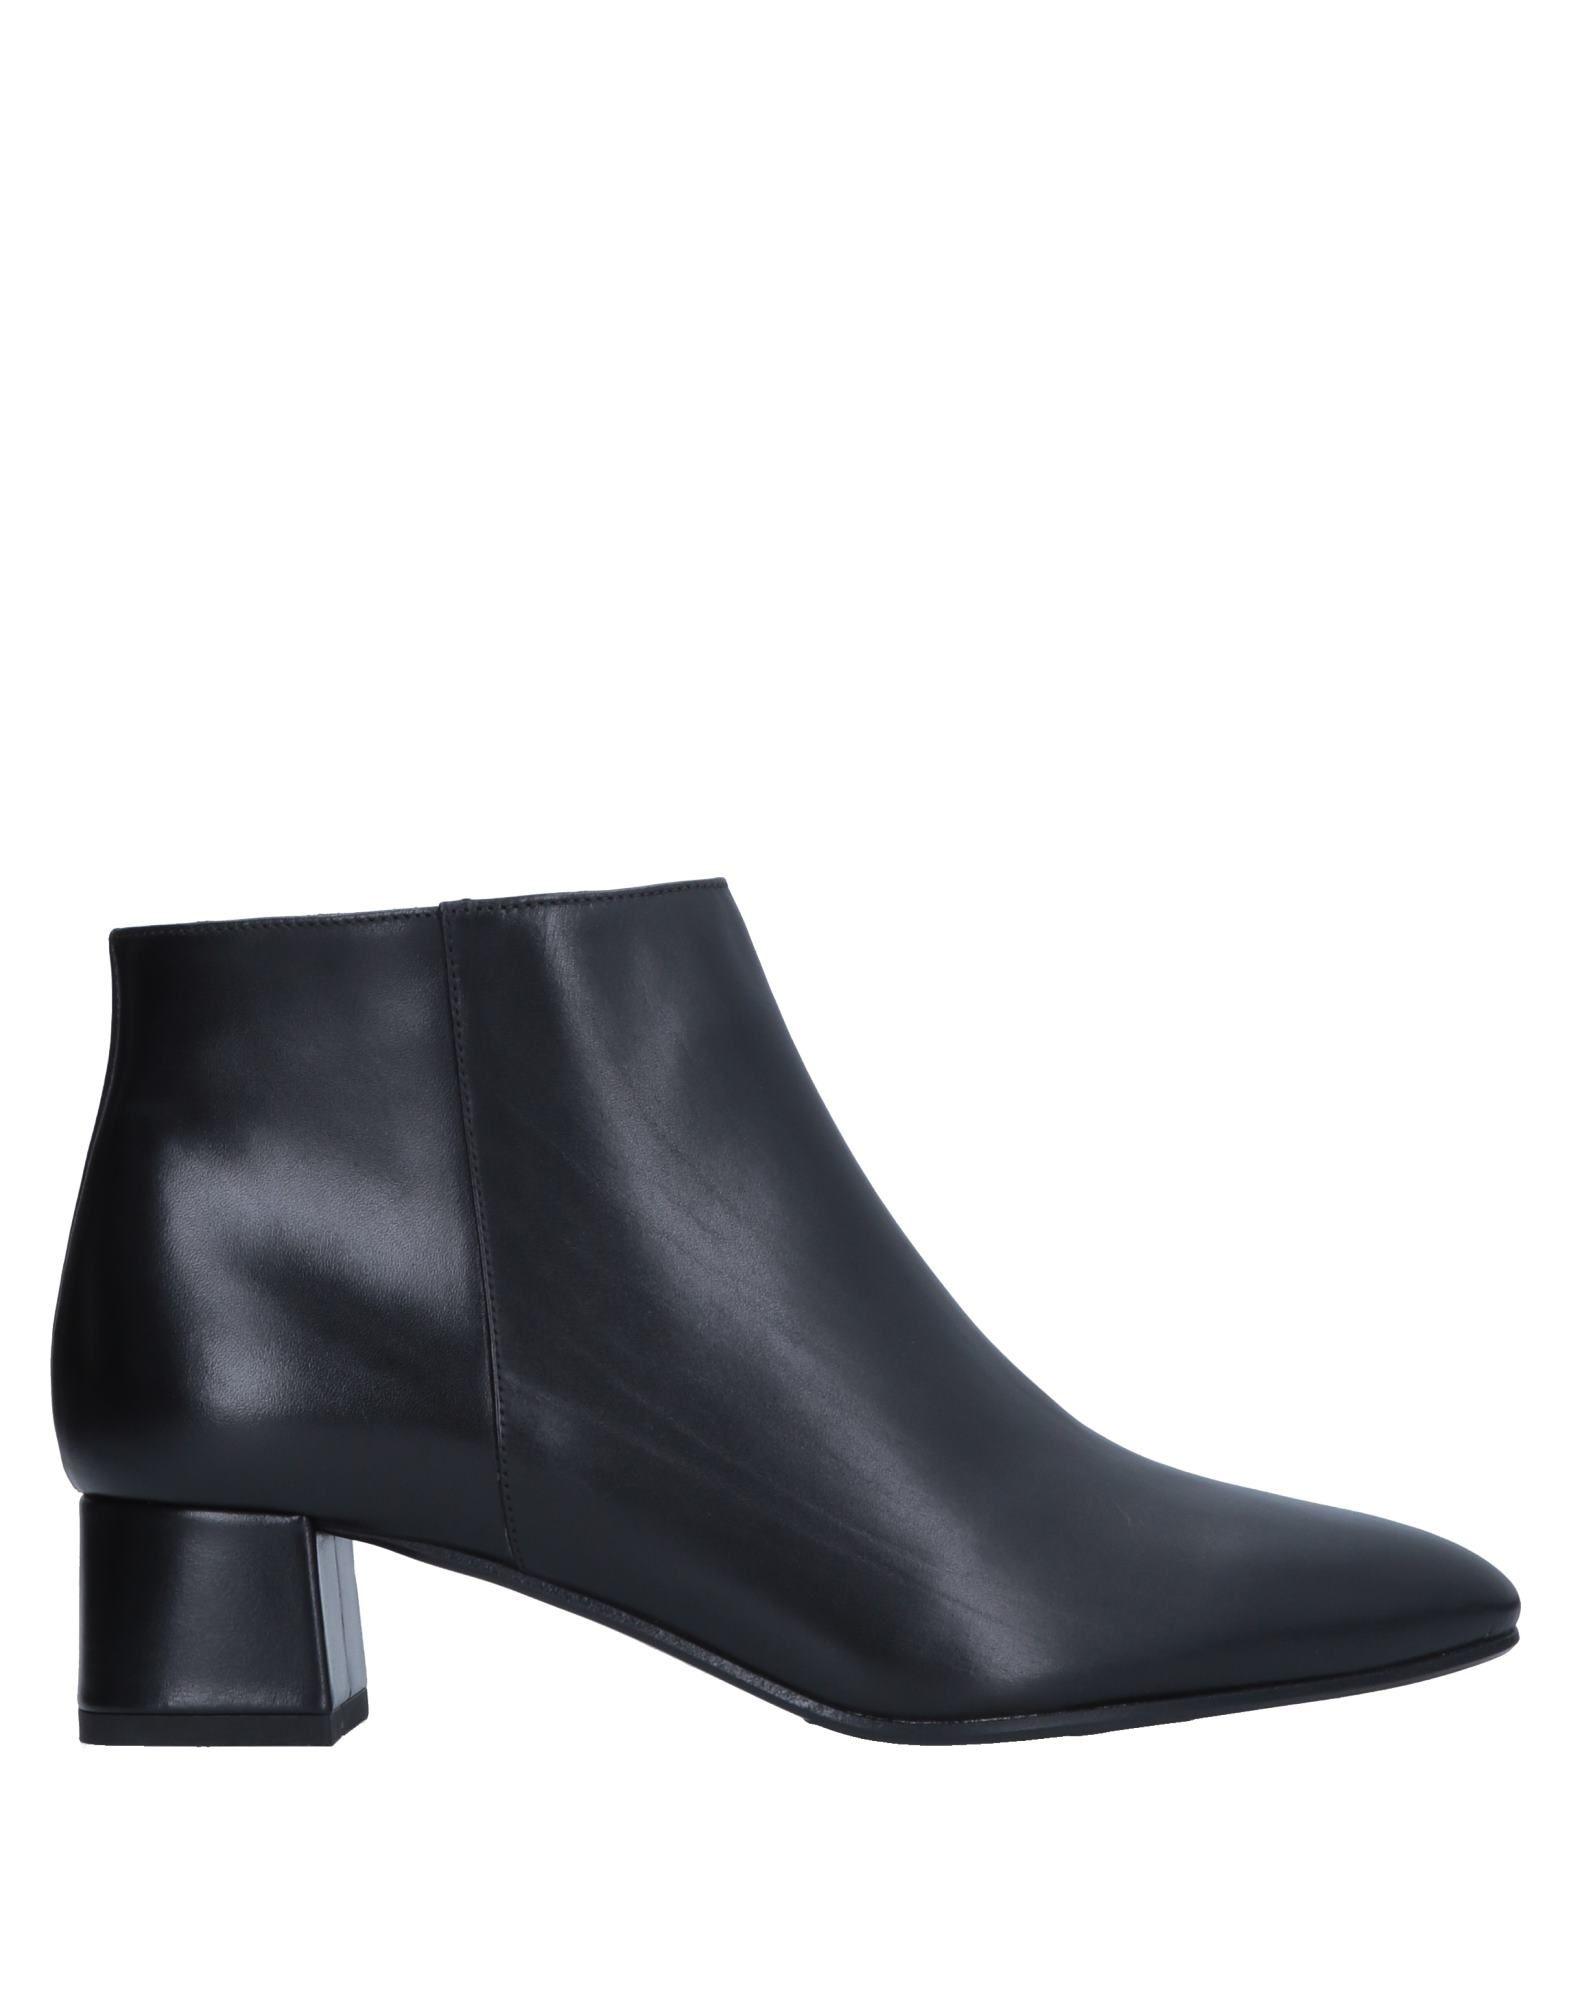 Bottine Fratelli Rossetti Femme - Bottines Fratelli Rossetti Noir Nouvelles chaussures pour hommes et femmes, remise limitée dans le temps